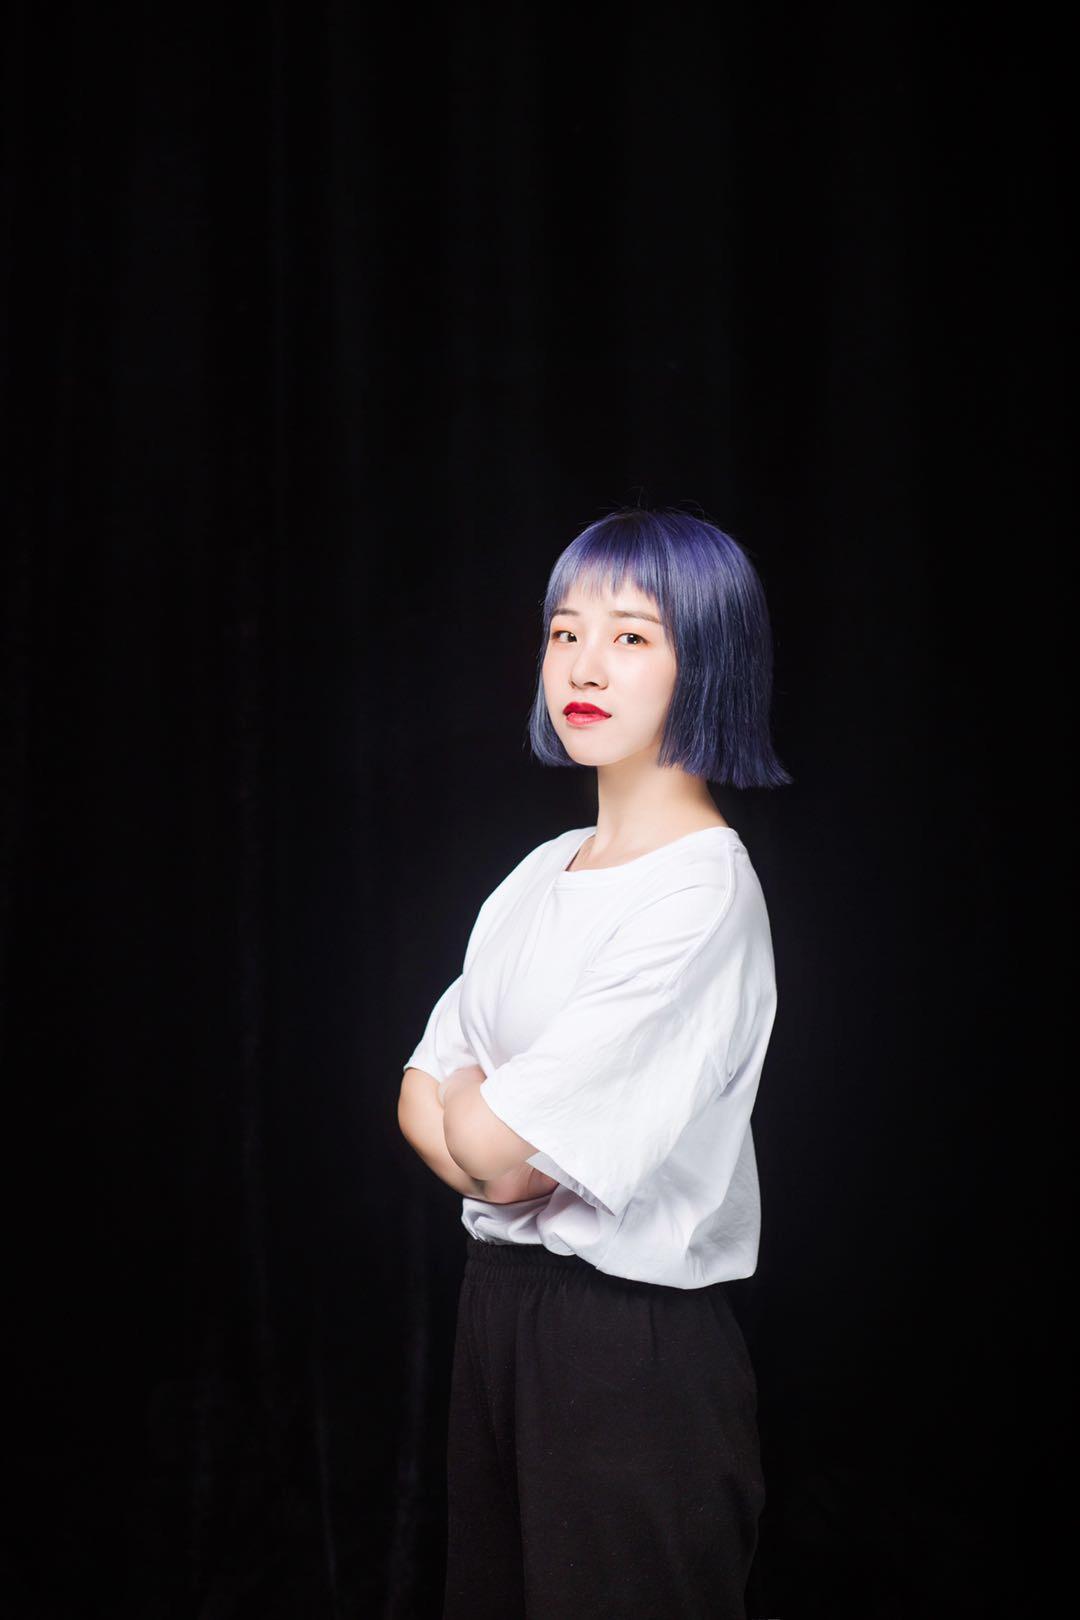 化妆师-挚爱一生小林